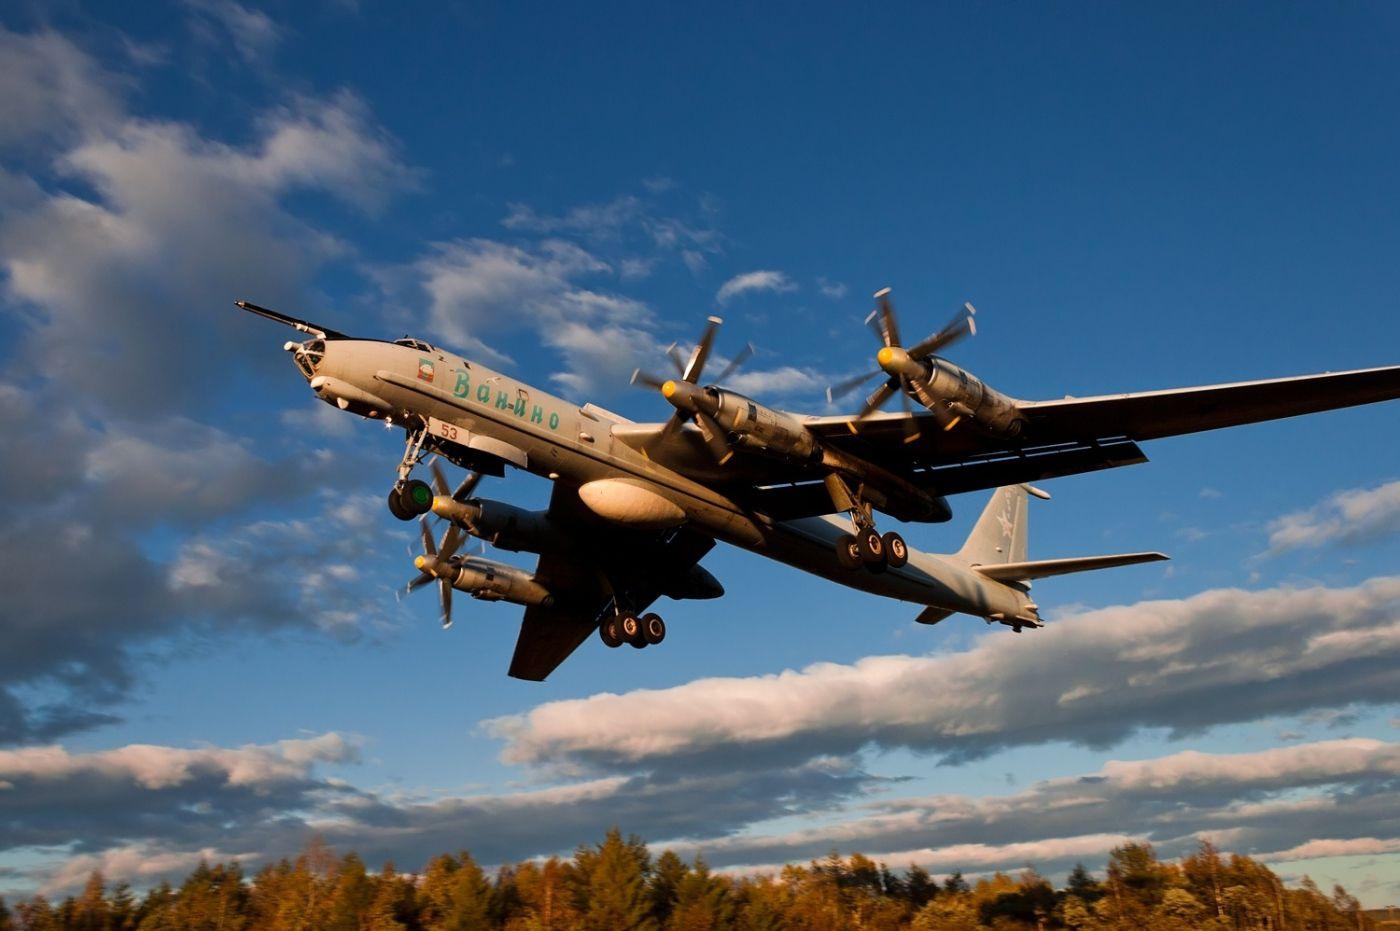 самолеты дальней авиации картинки кузнецов председатель федерации